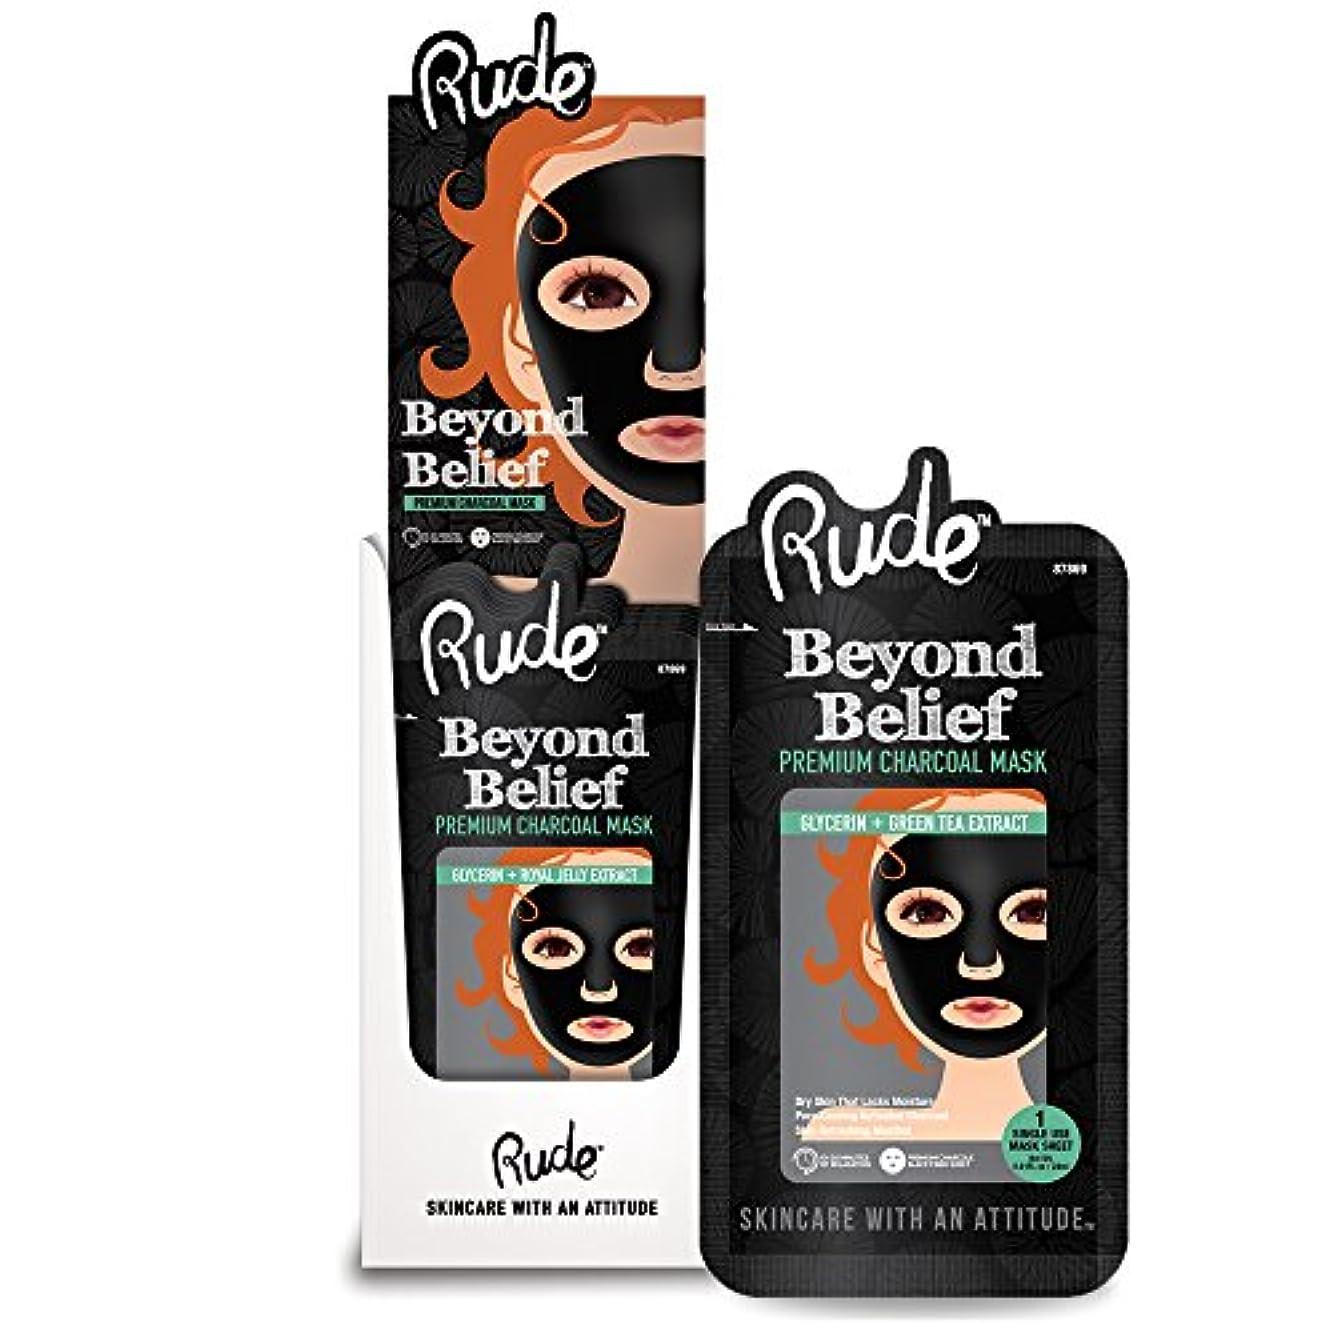 生息地劇作家友情RUDE Beyond Belief Purifying Charcoal Mask Display Set, 36 Pieces (並行輸入品)